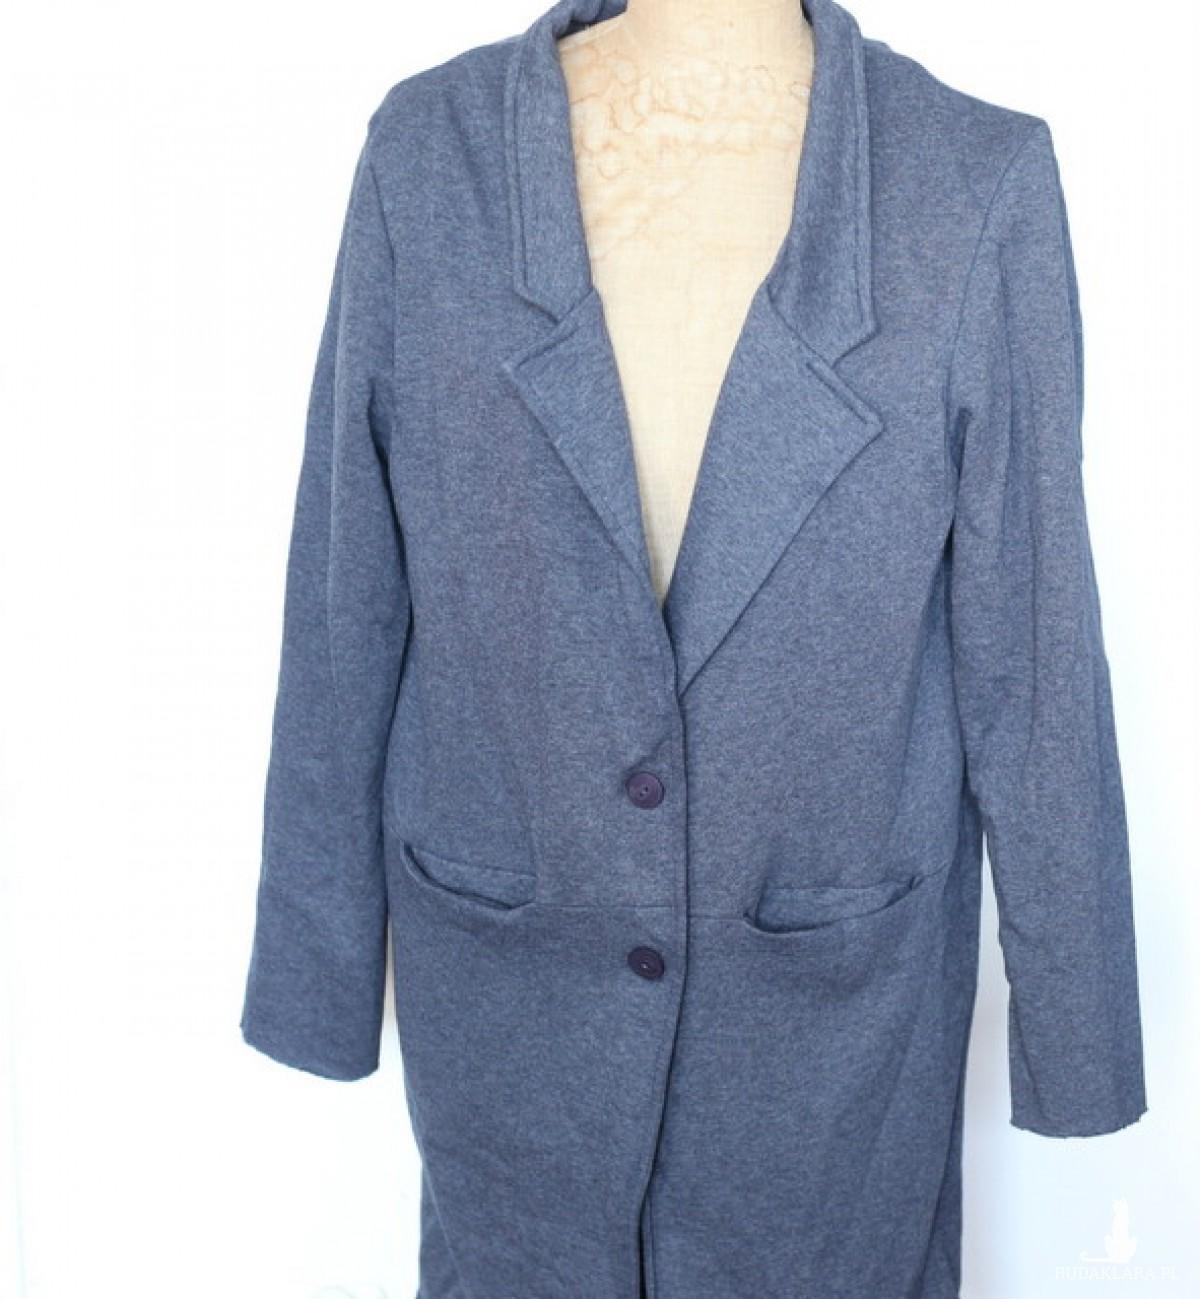 granatowy damski dzianinowy dresowy płaszcz